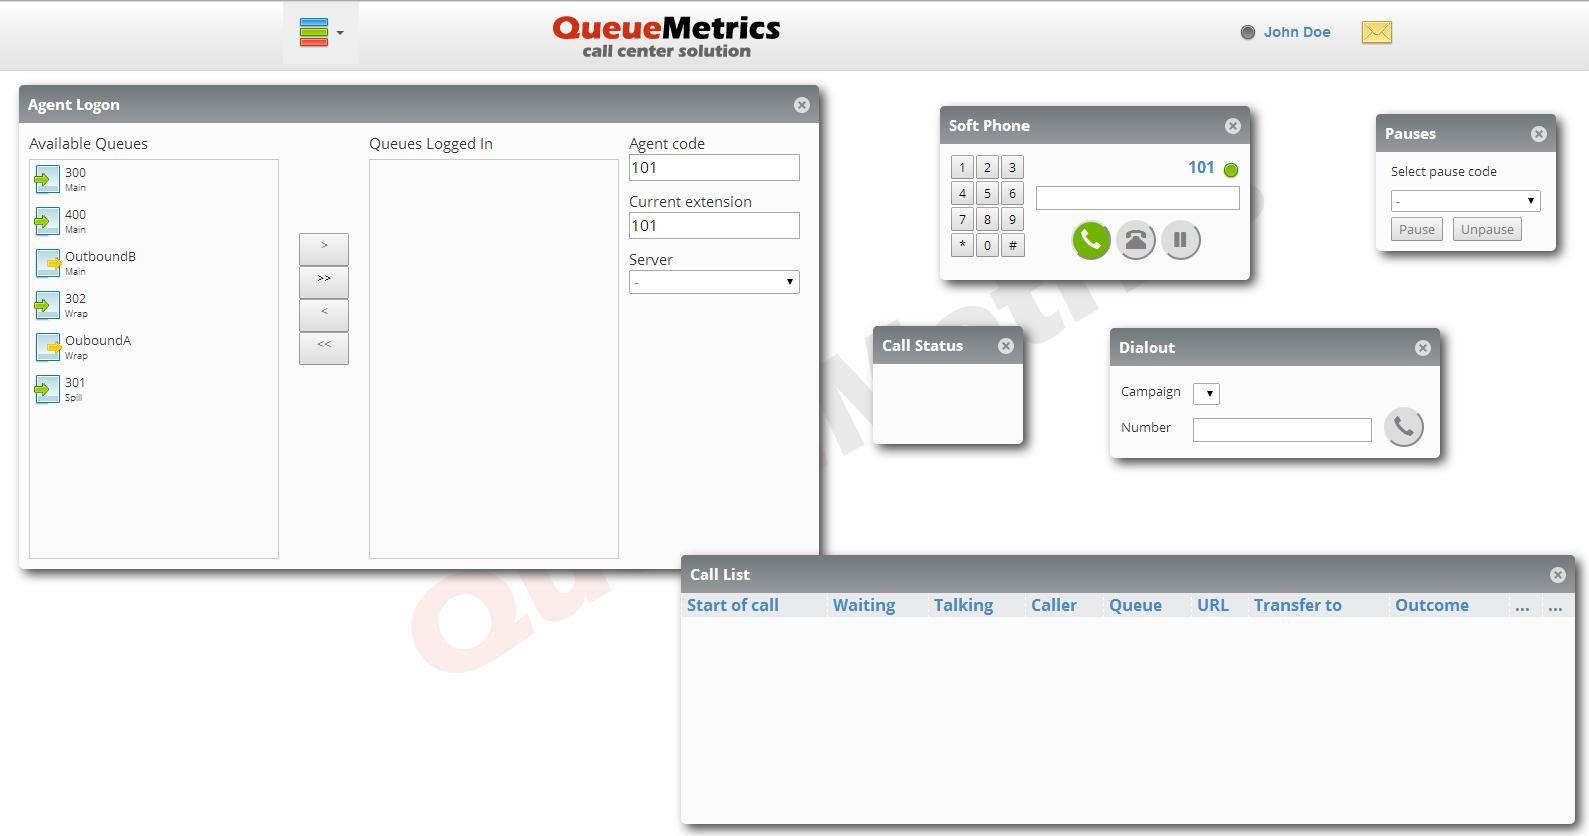 Pin by QueueMetrics on FreePBX | Diagram, Enabling, Link